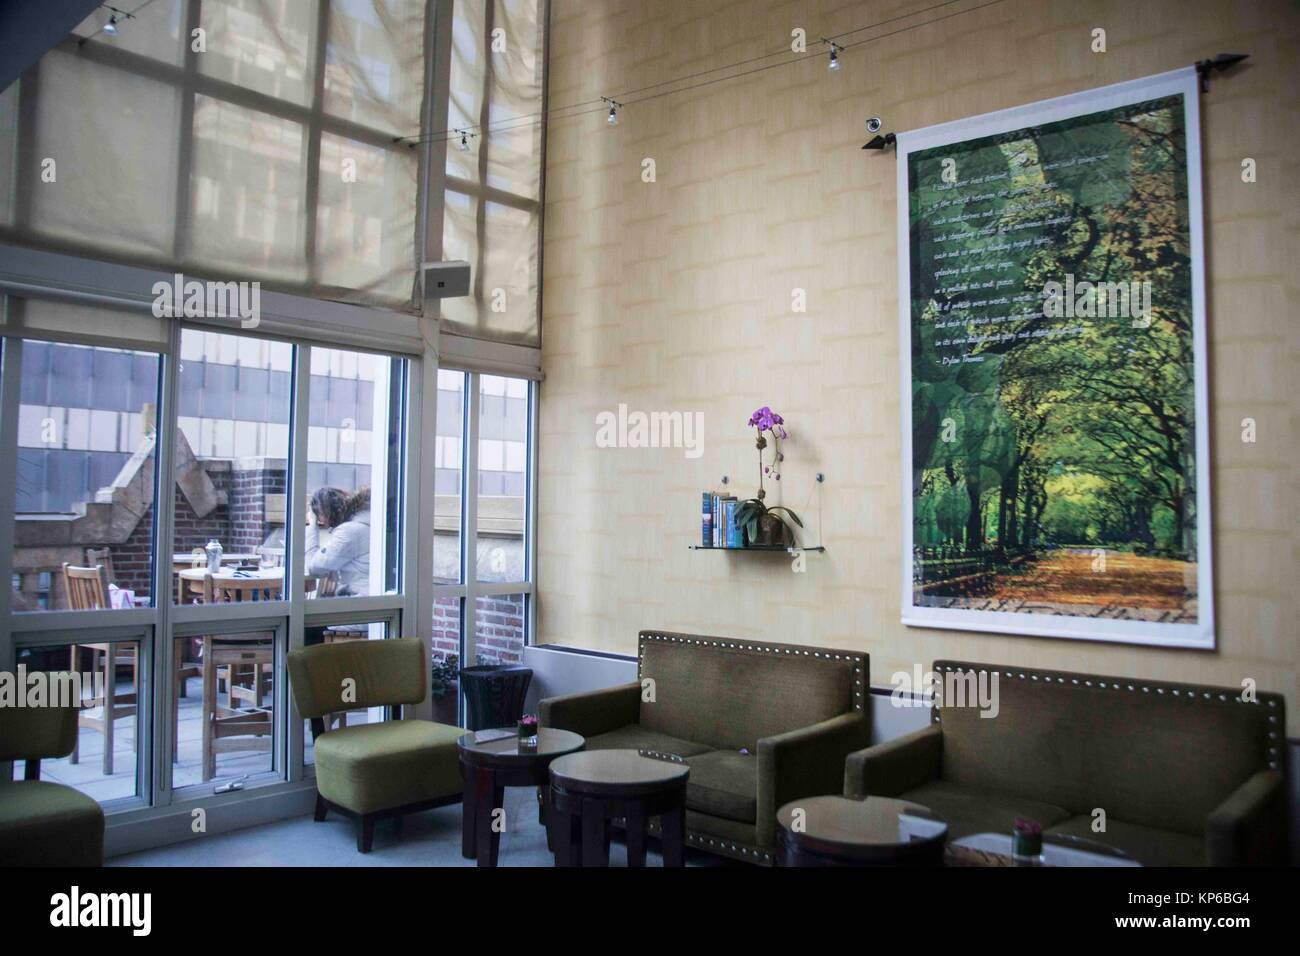 Dentro del Salón de la azotea con una terraza al aire libre en un ...